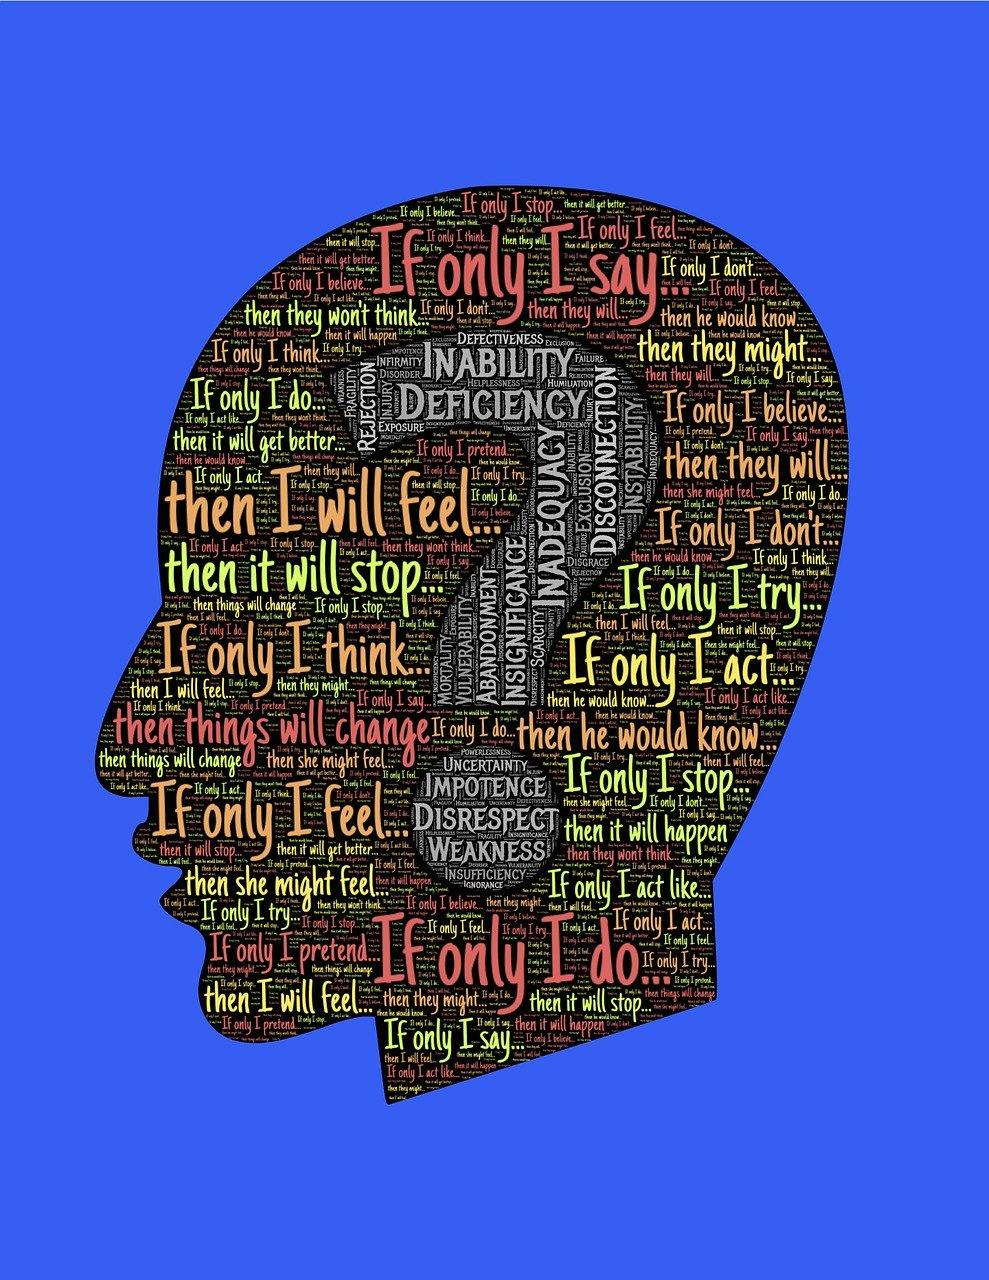 La importancia de cuidar nuestra salud mental